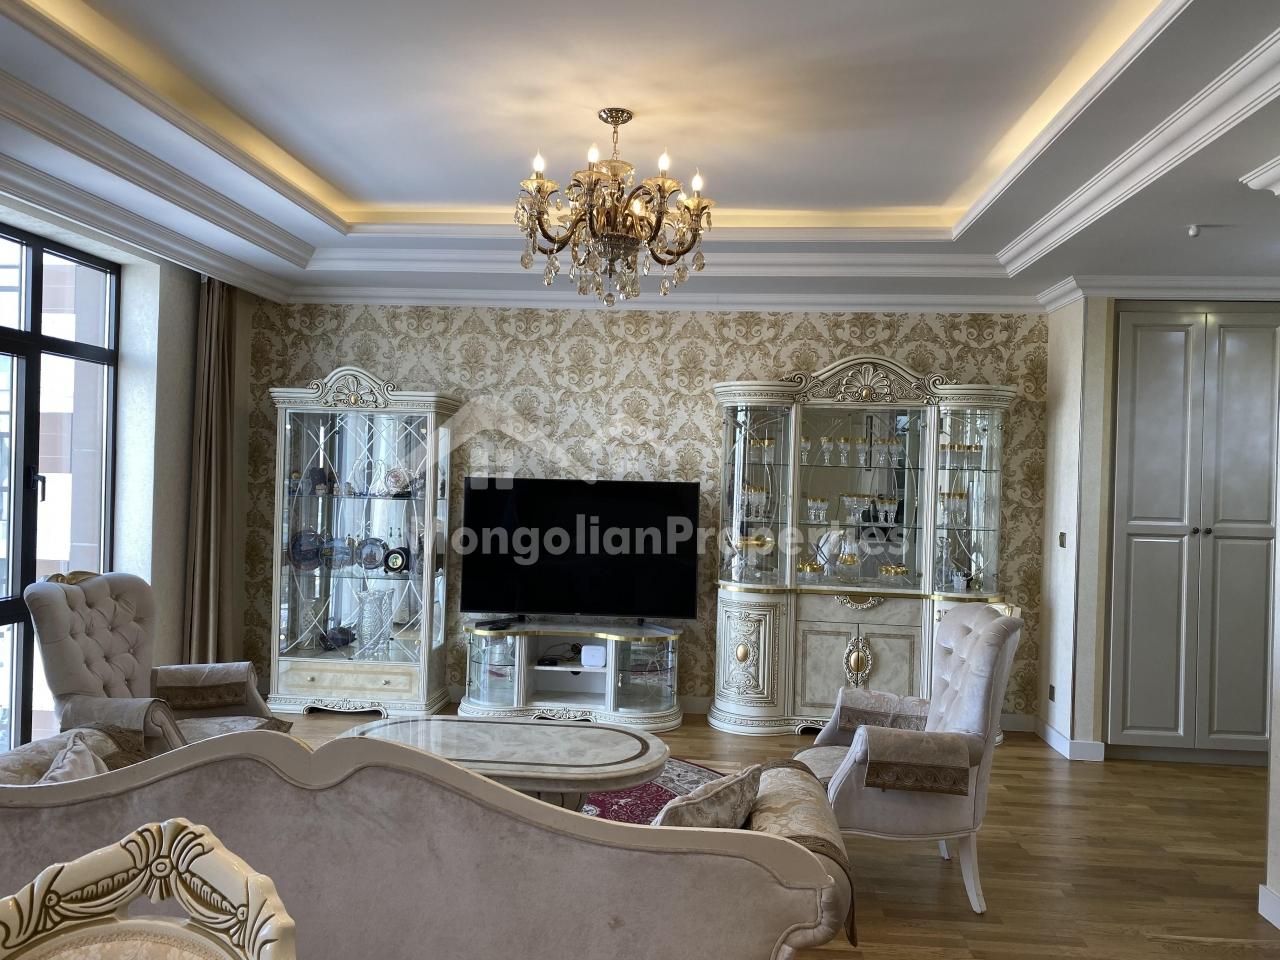 FOR SALE: 220к Резиденст 4 өрөө тохилог орон сууц худалдана